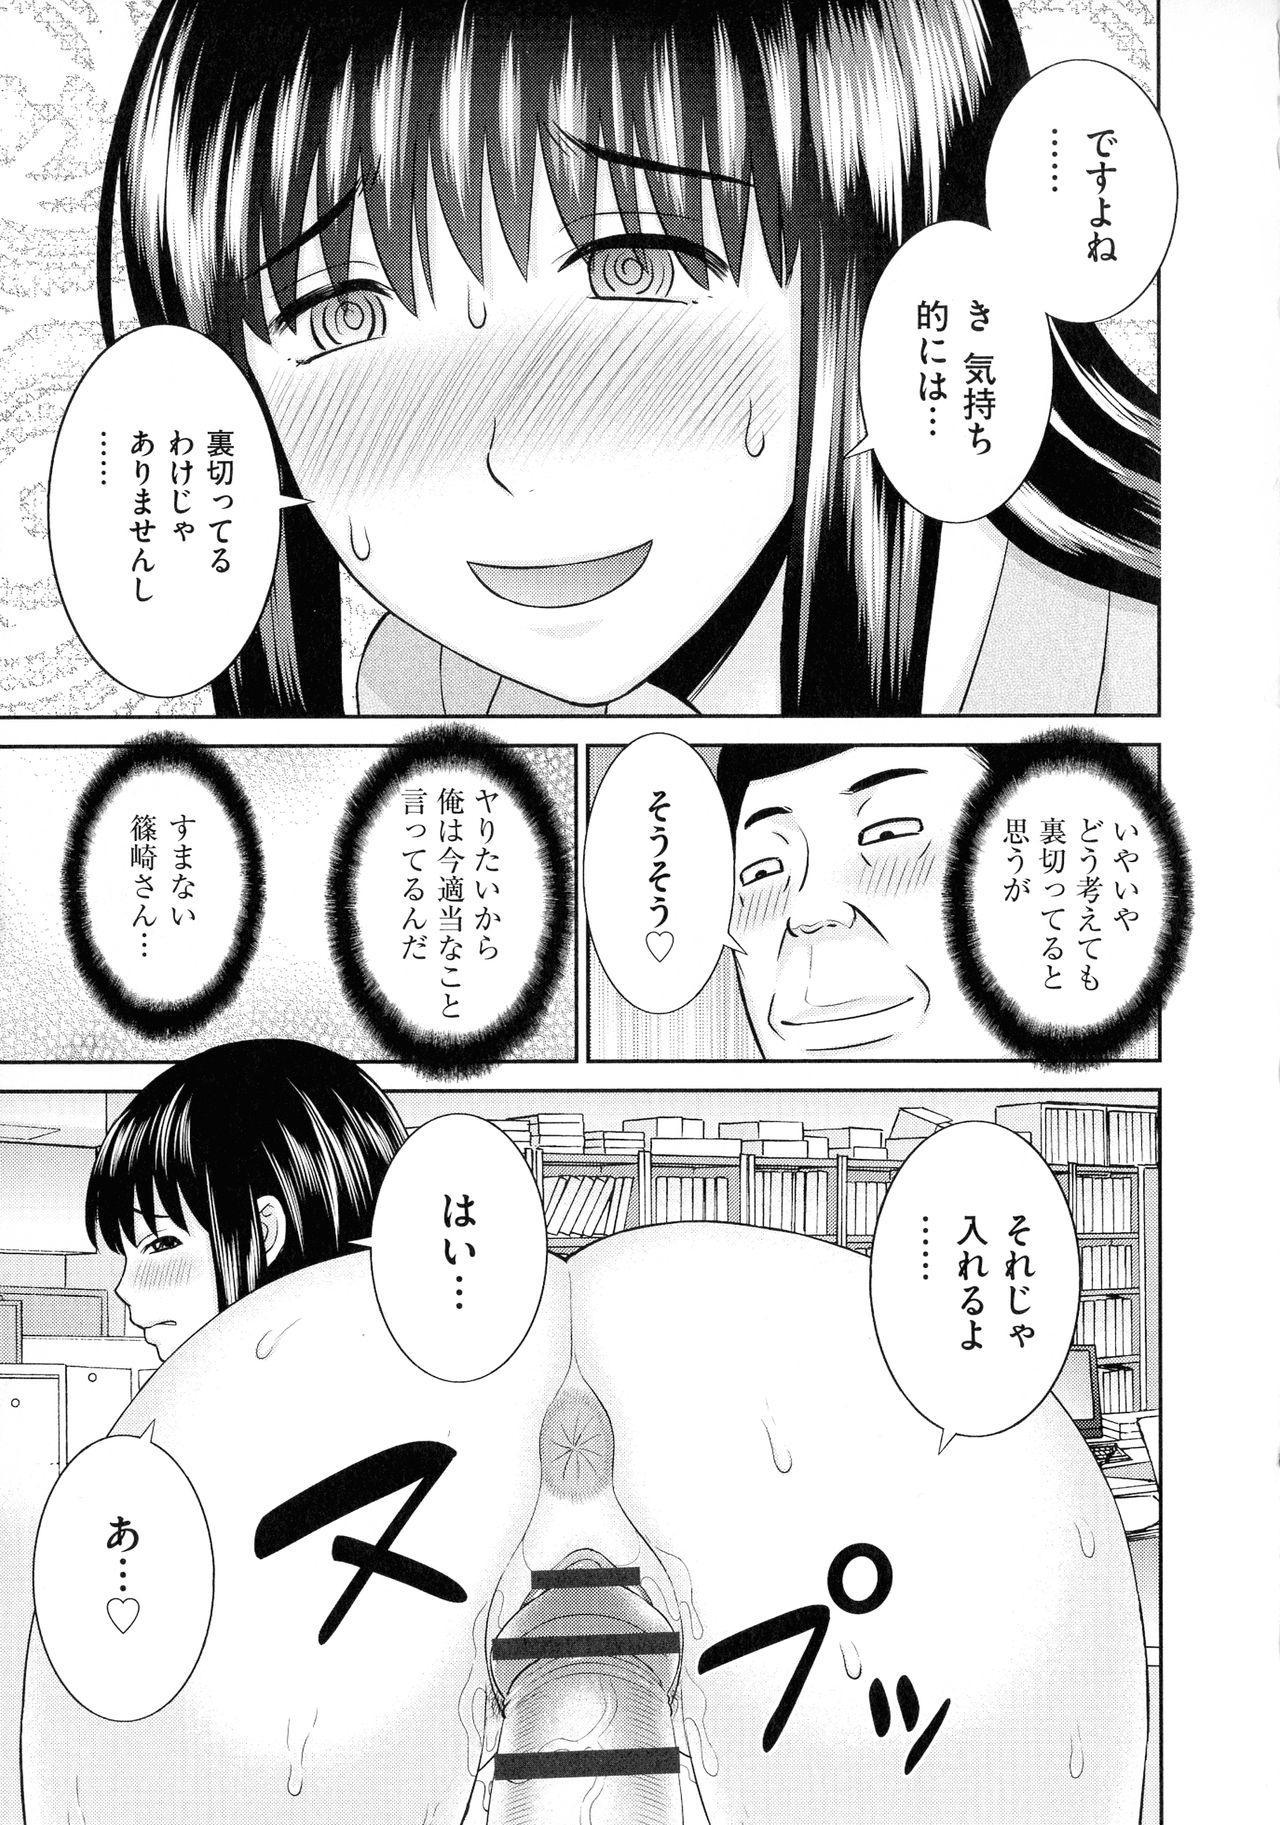 Tennen Torokeru Hatsujozuma 179